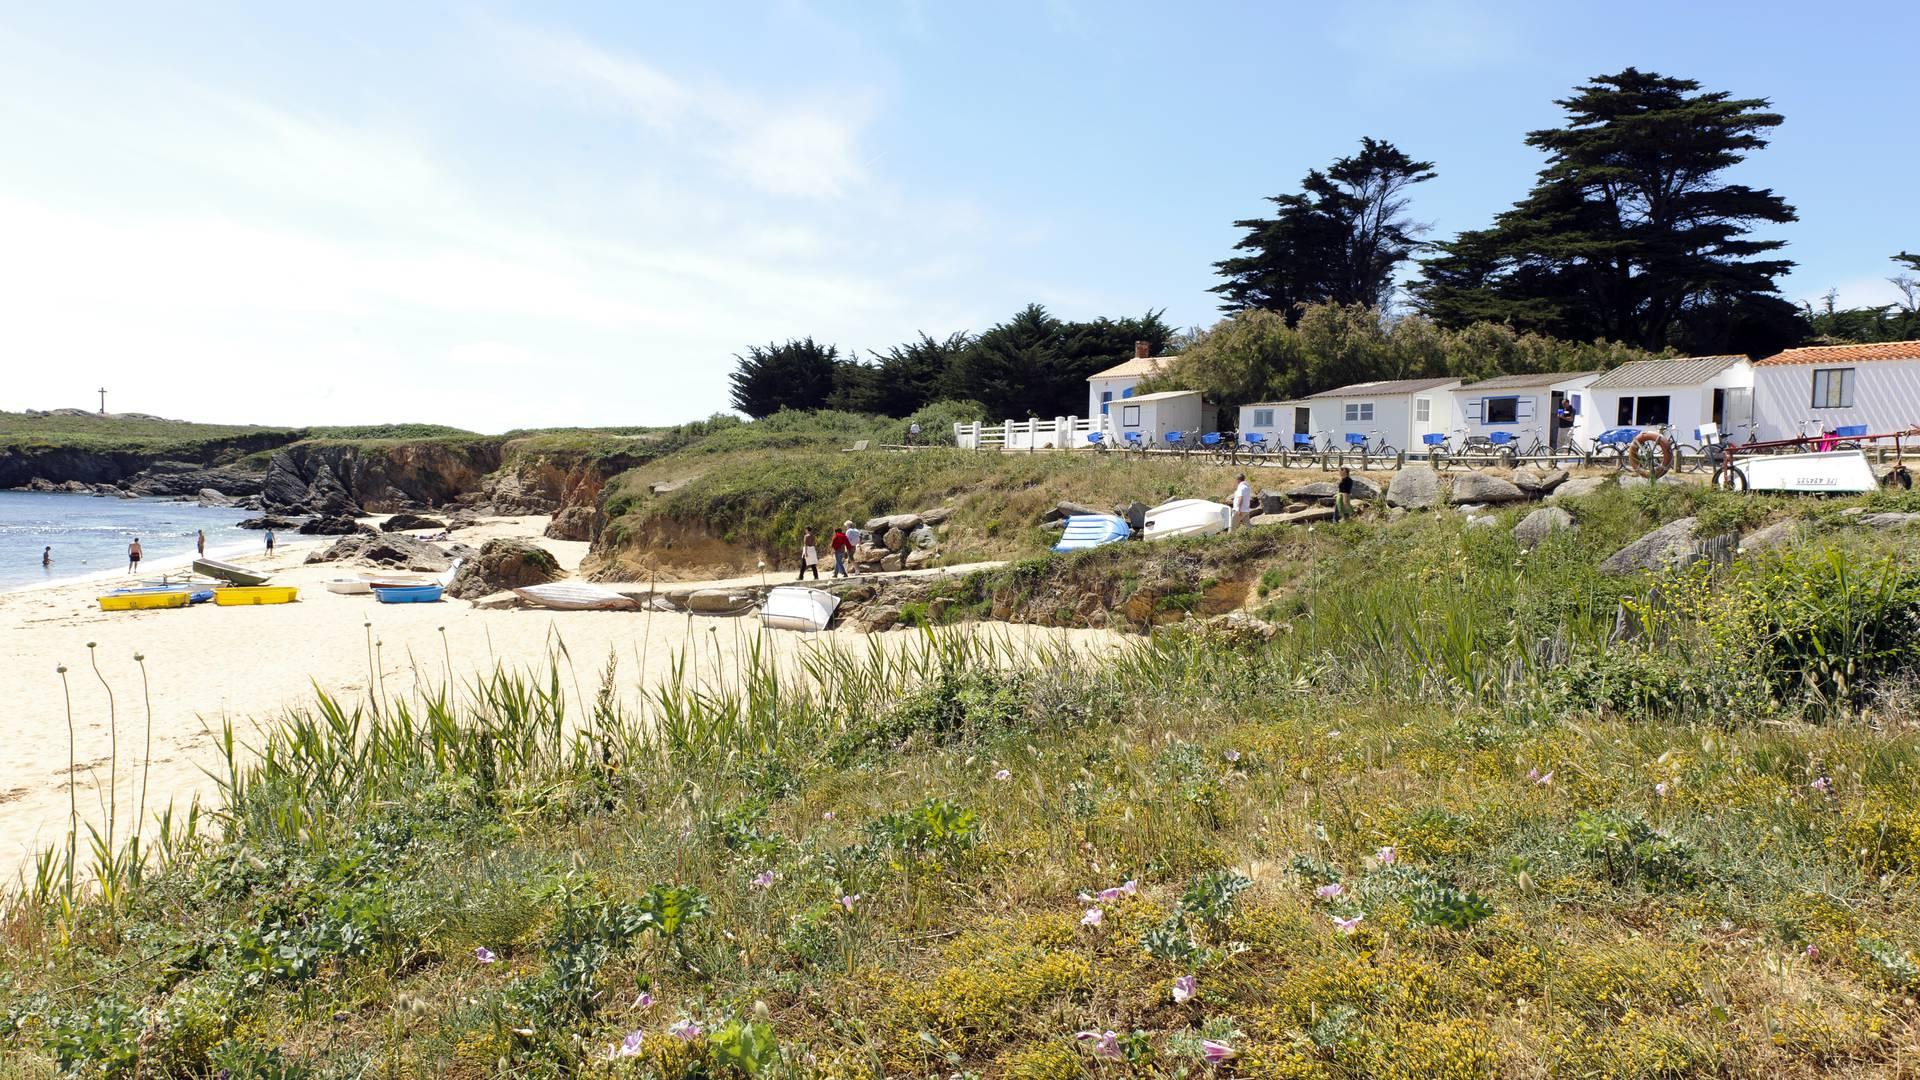 Les Sabias beach, beach huts, Ile d'Yeu